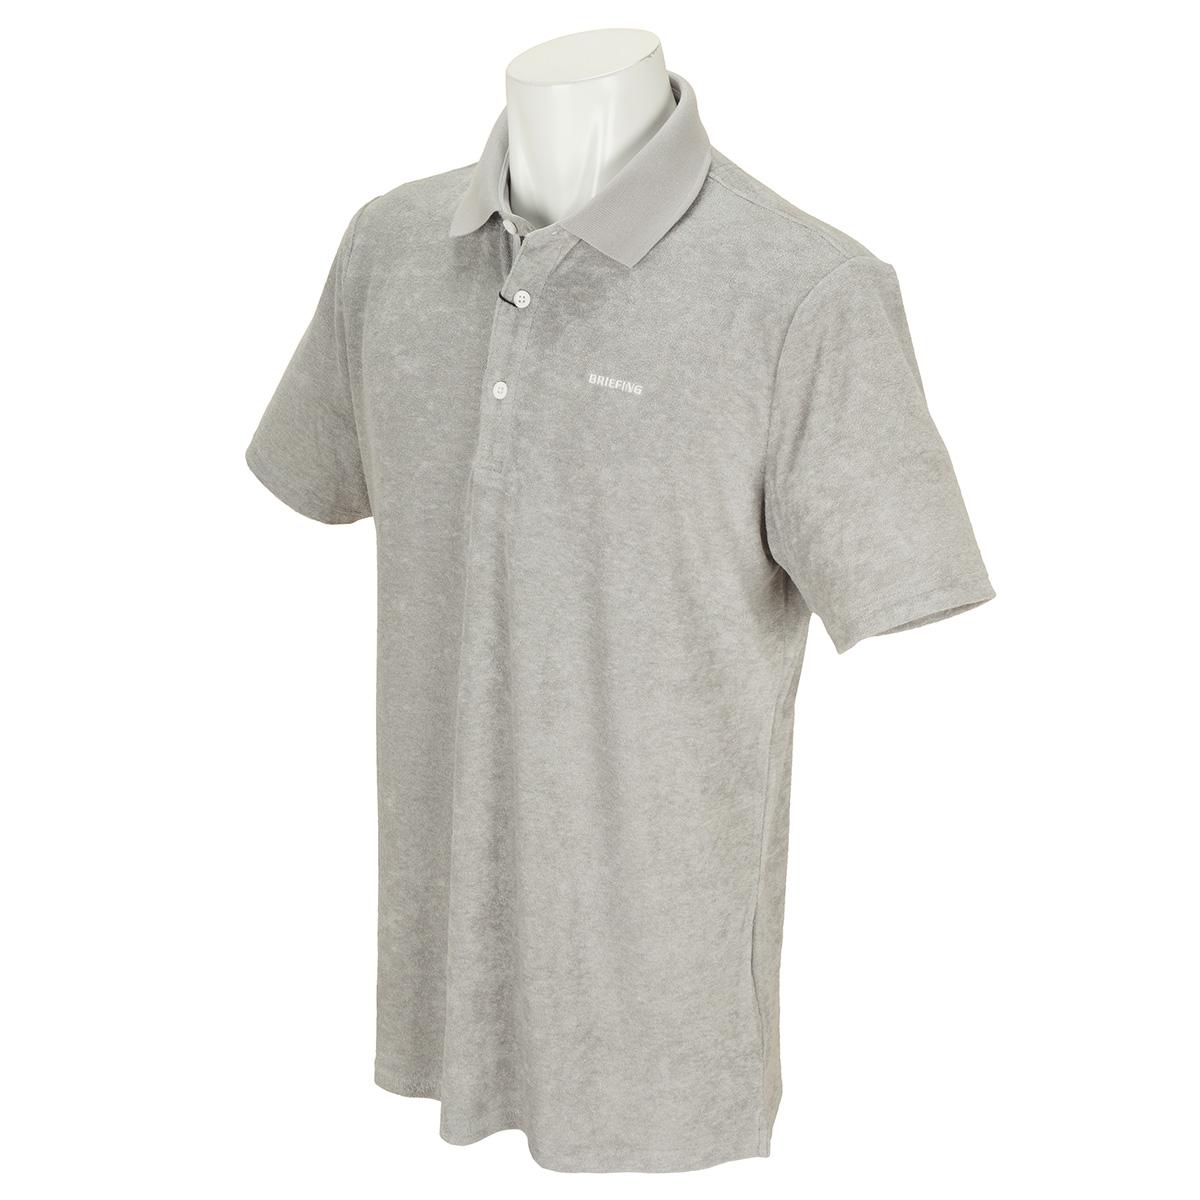 PILE 半袖ポロシャツ